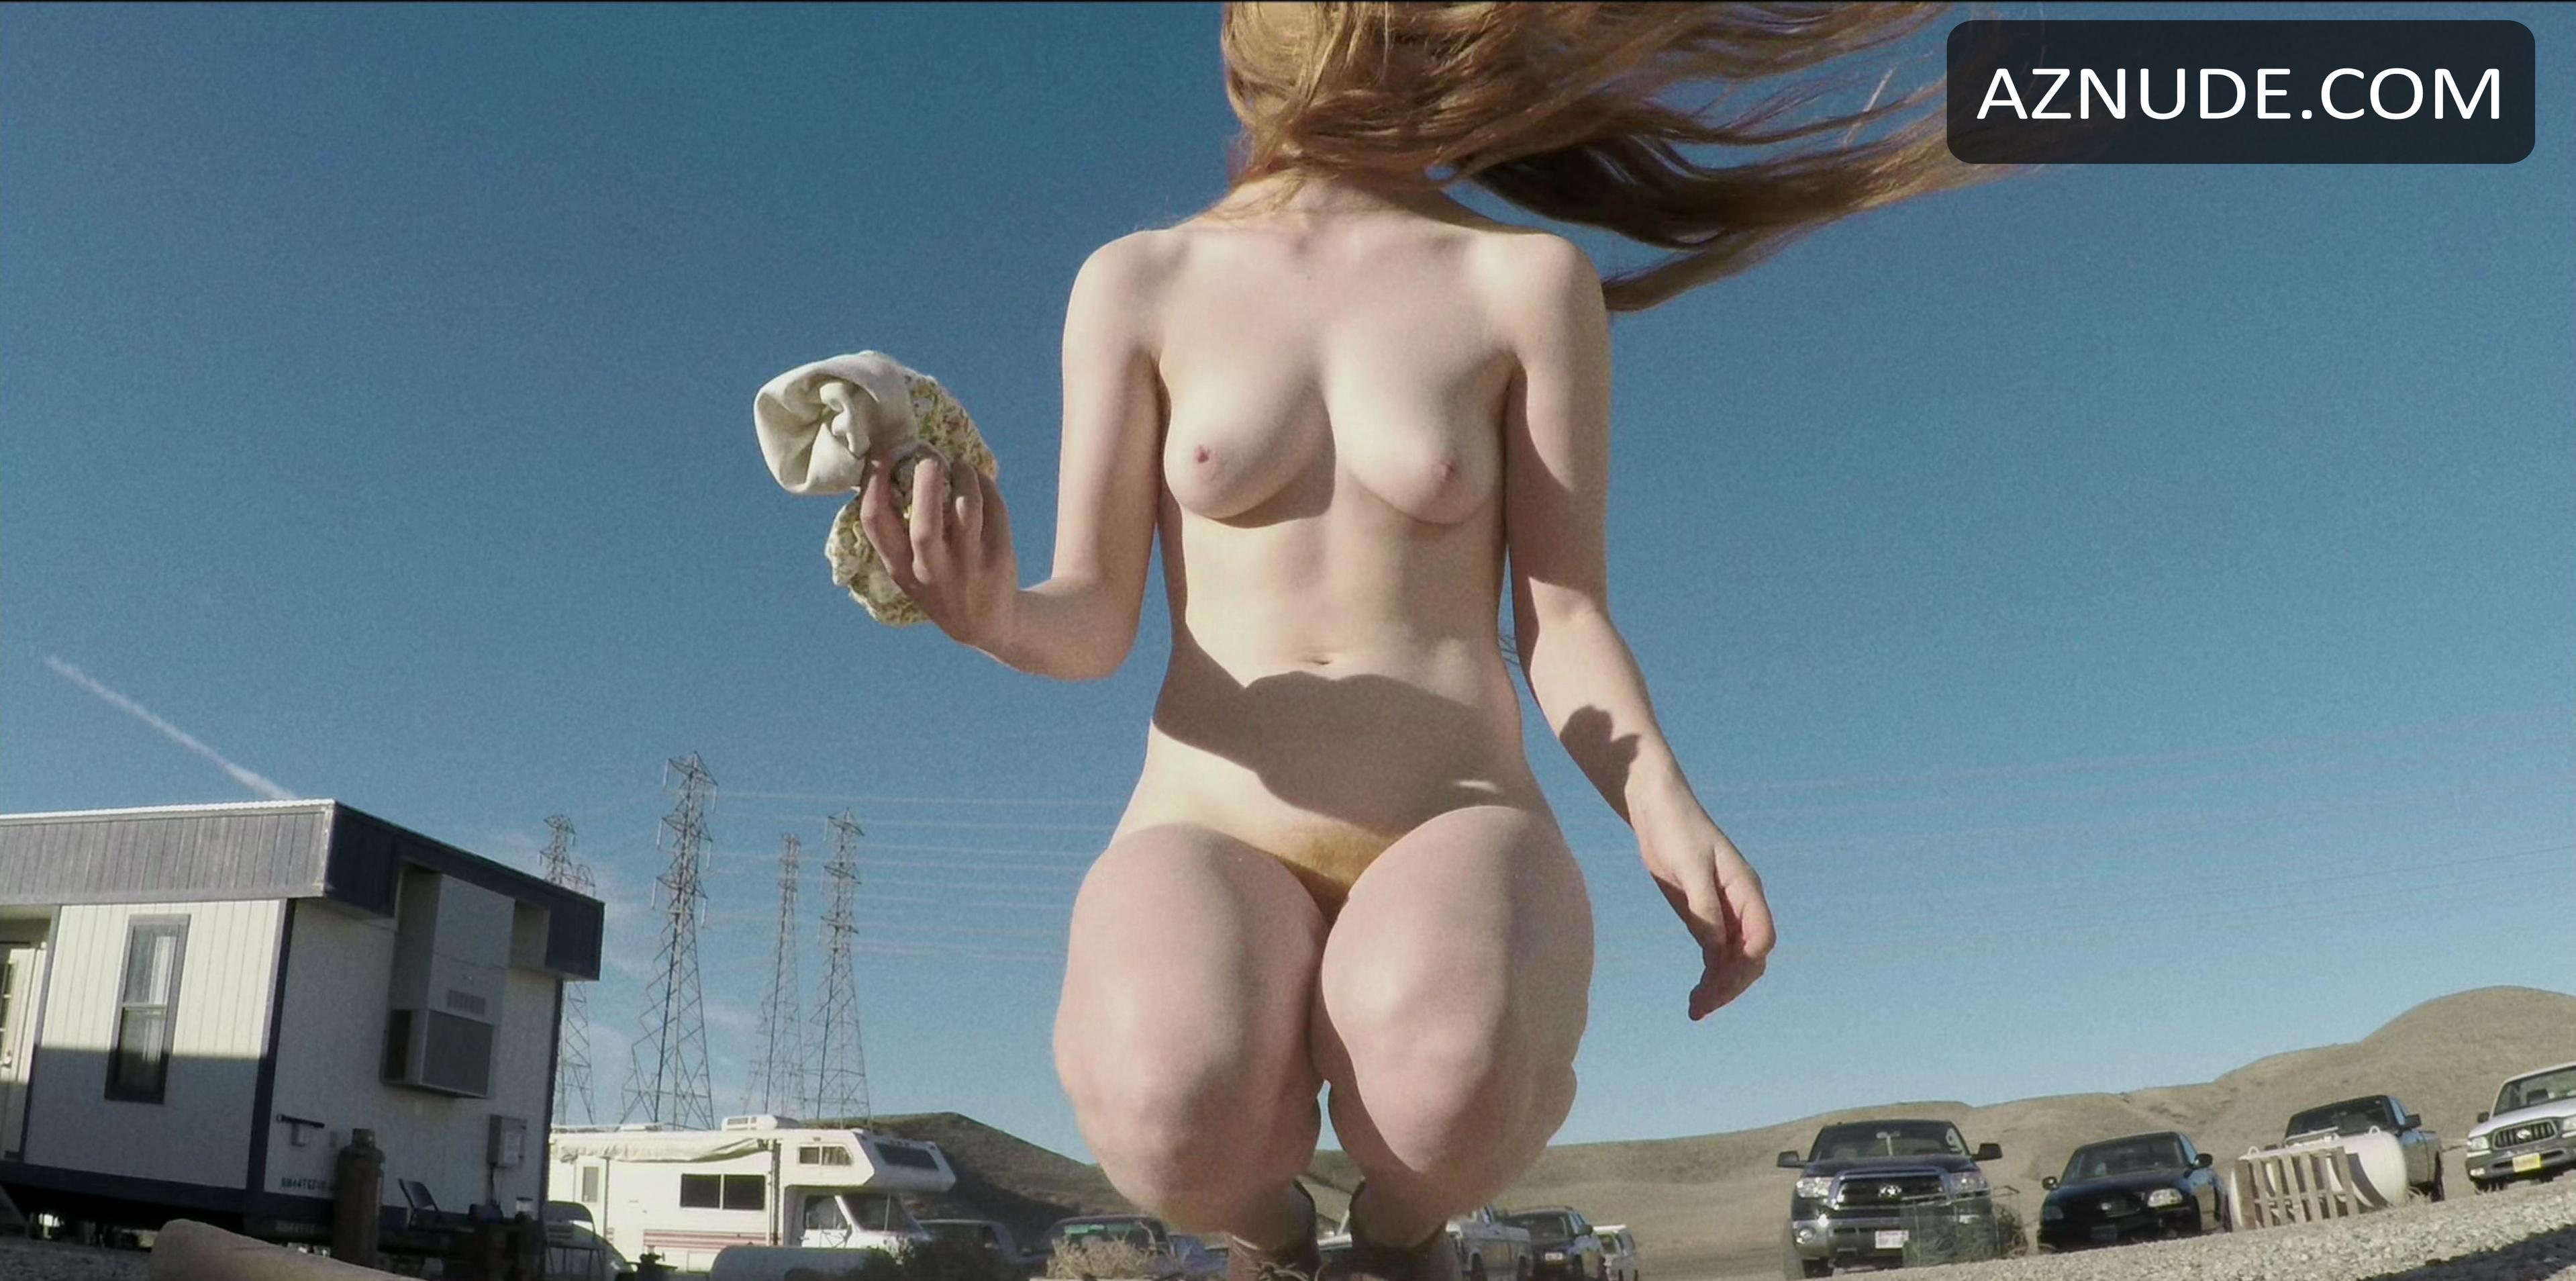 India Menuez Nude